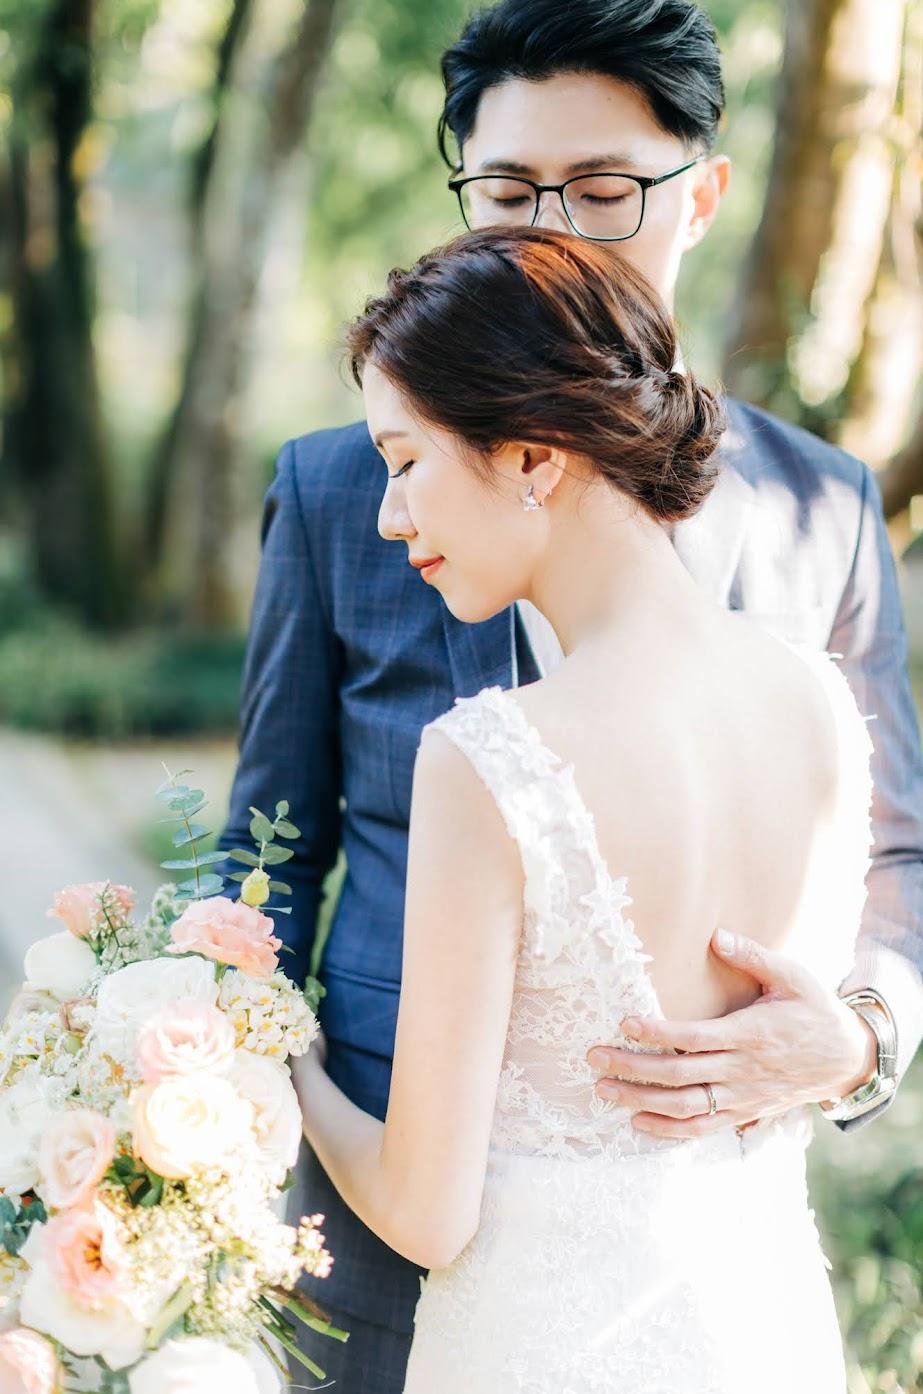 念念婚紗 | 優雅簡約美式逐光婚紗